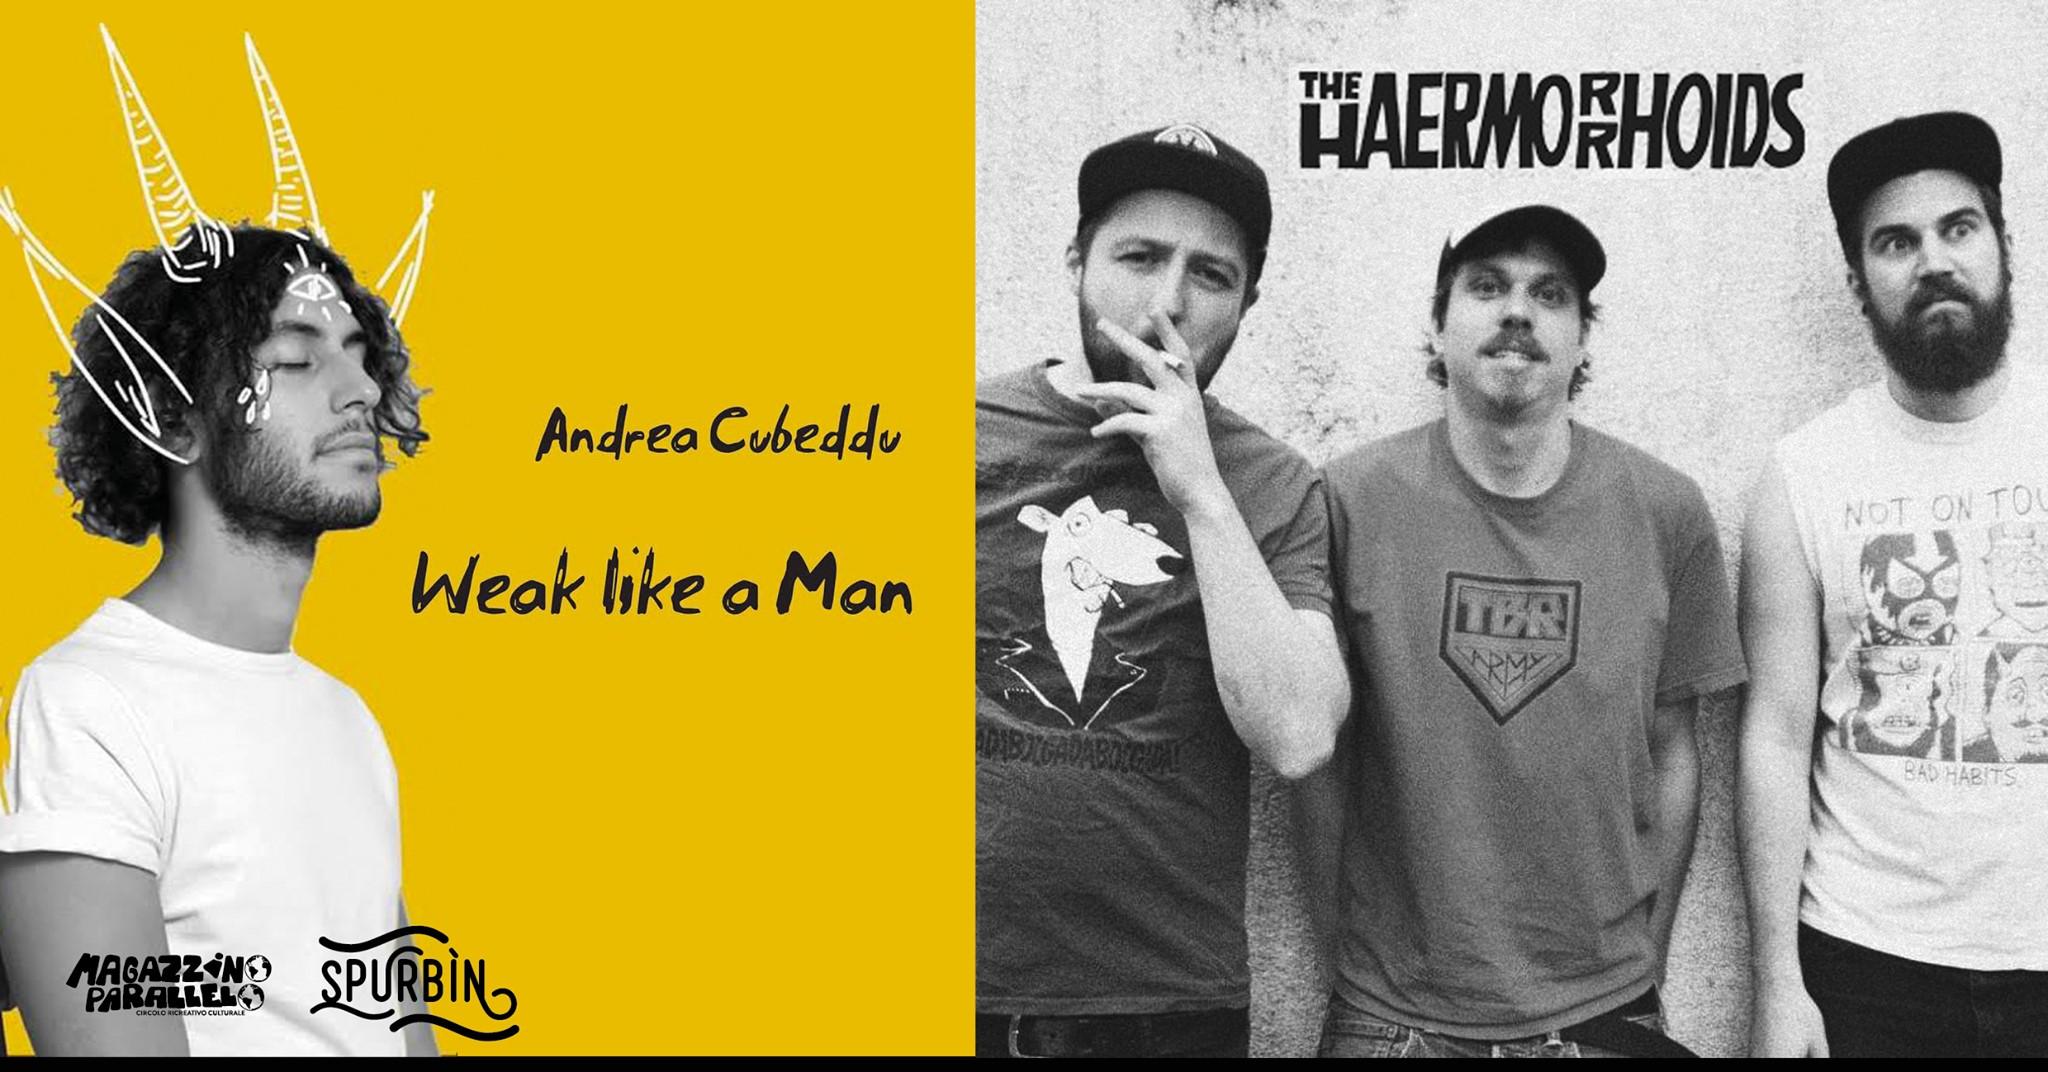 Andrea Cubeddu   The Haermorrhoids / at Spurbìn